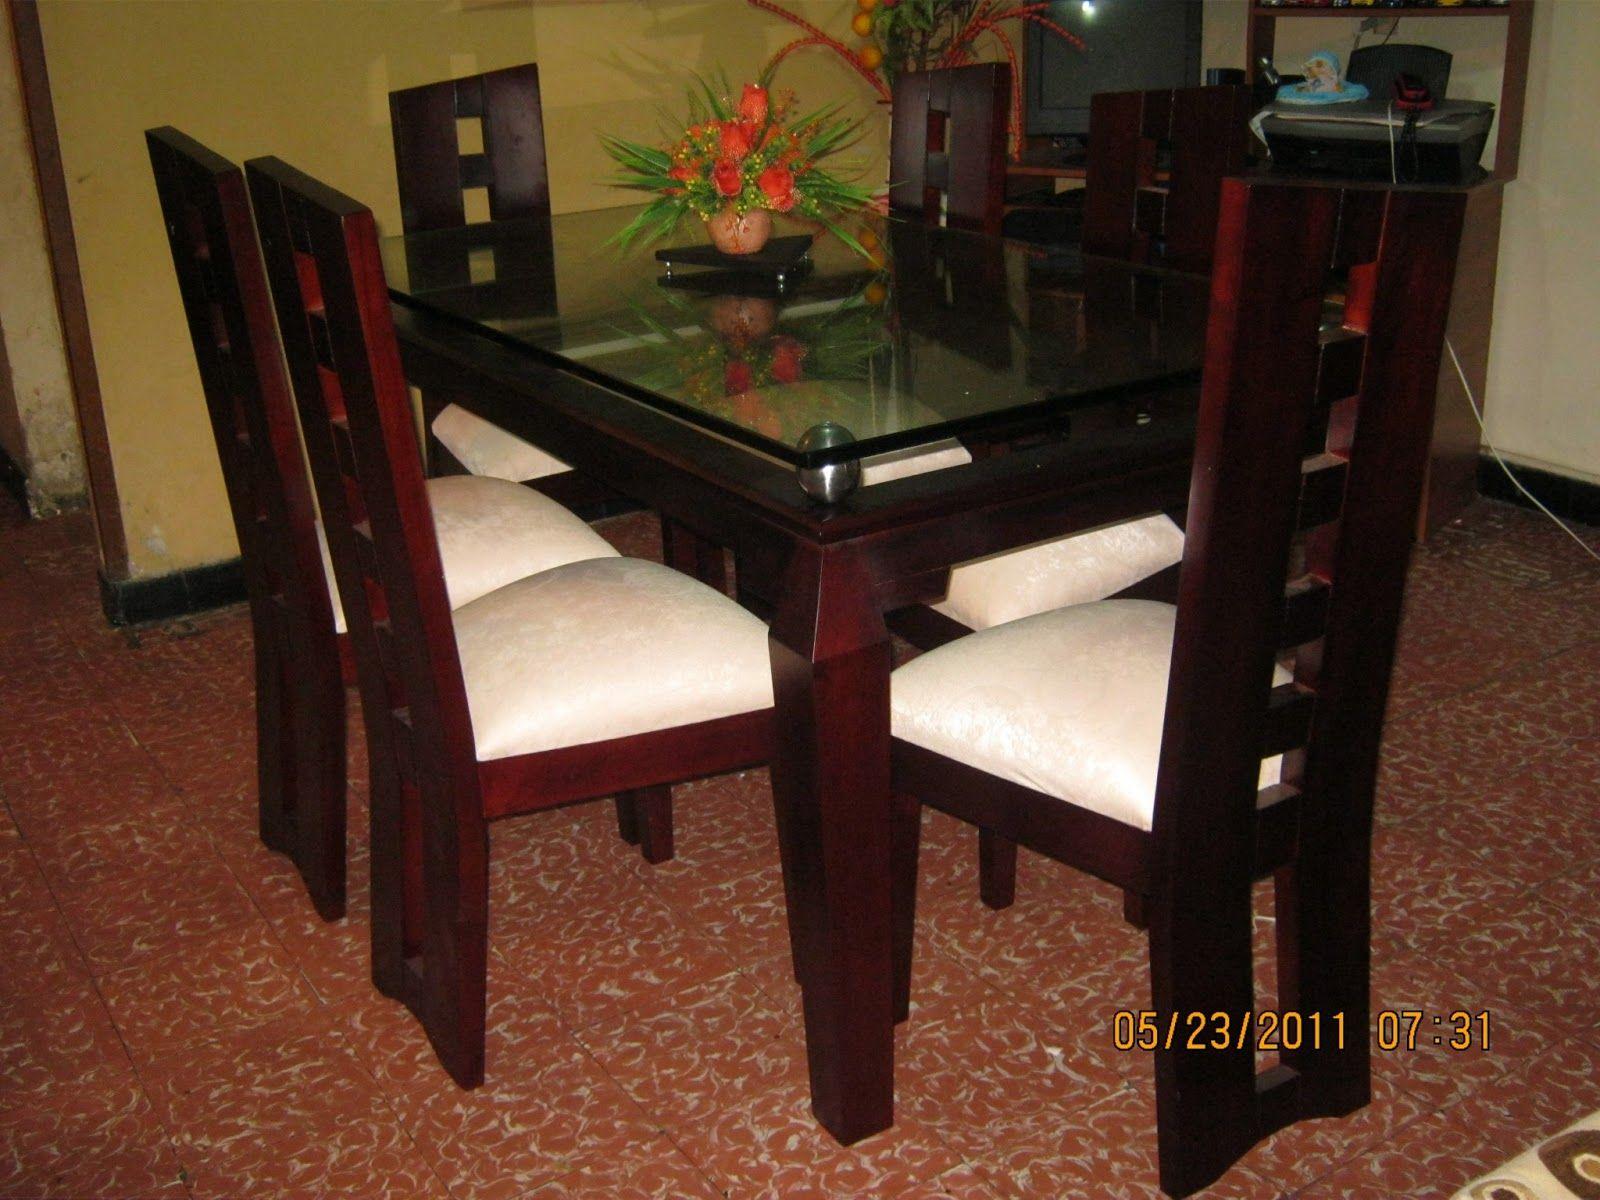 Comedor De Cedro Home Pinterest Cedros Comedores Y Para El  # Muebles Cic Comedores